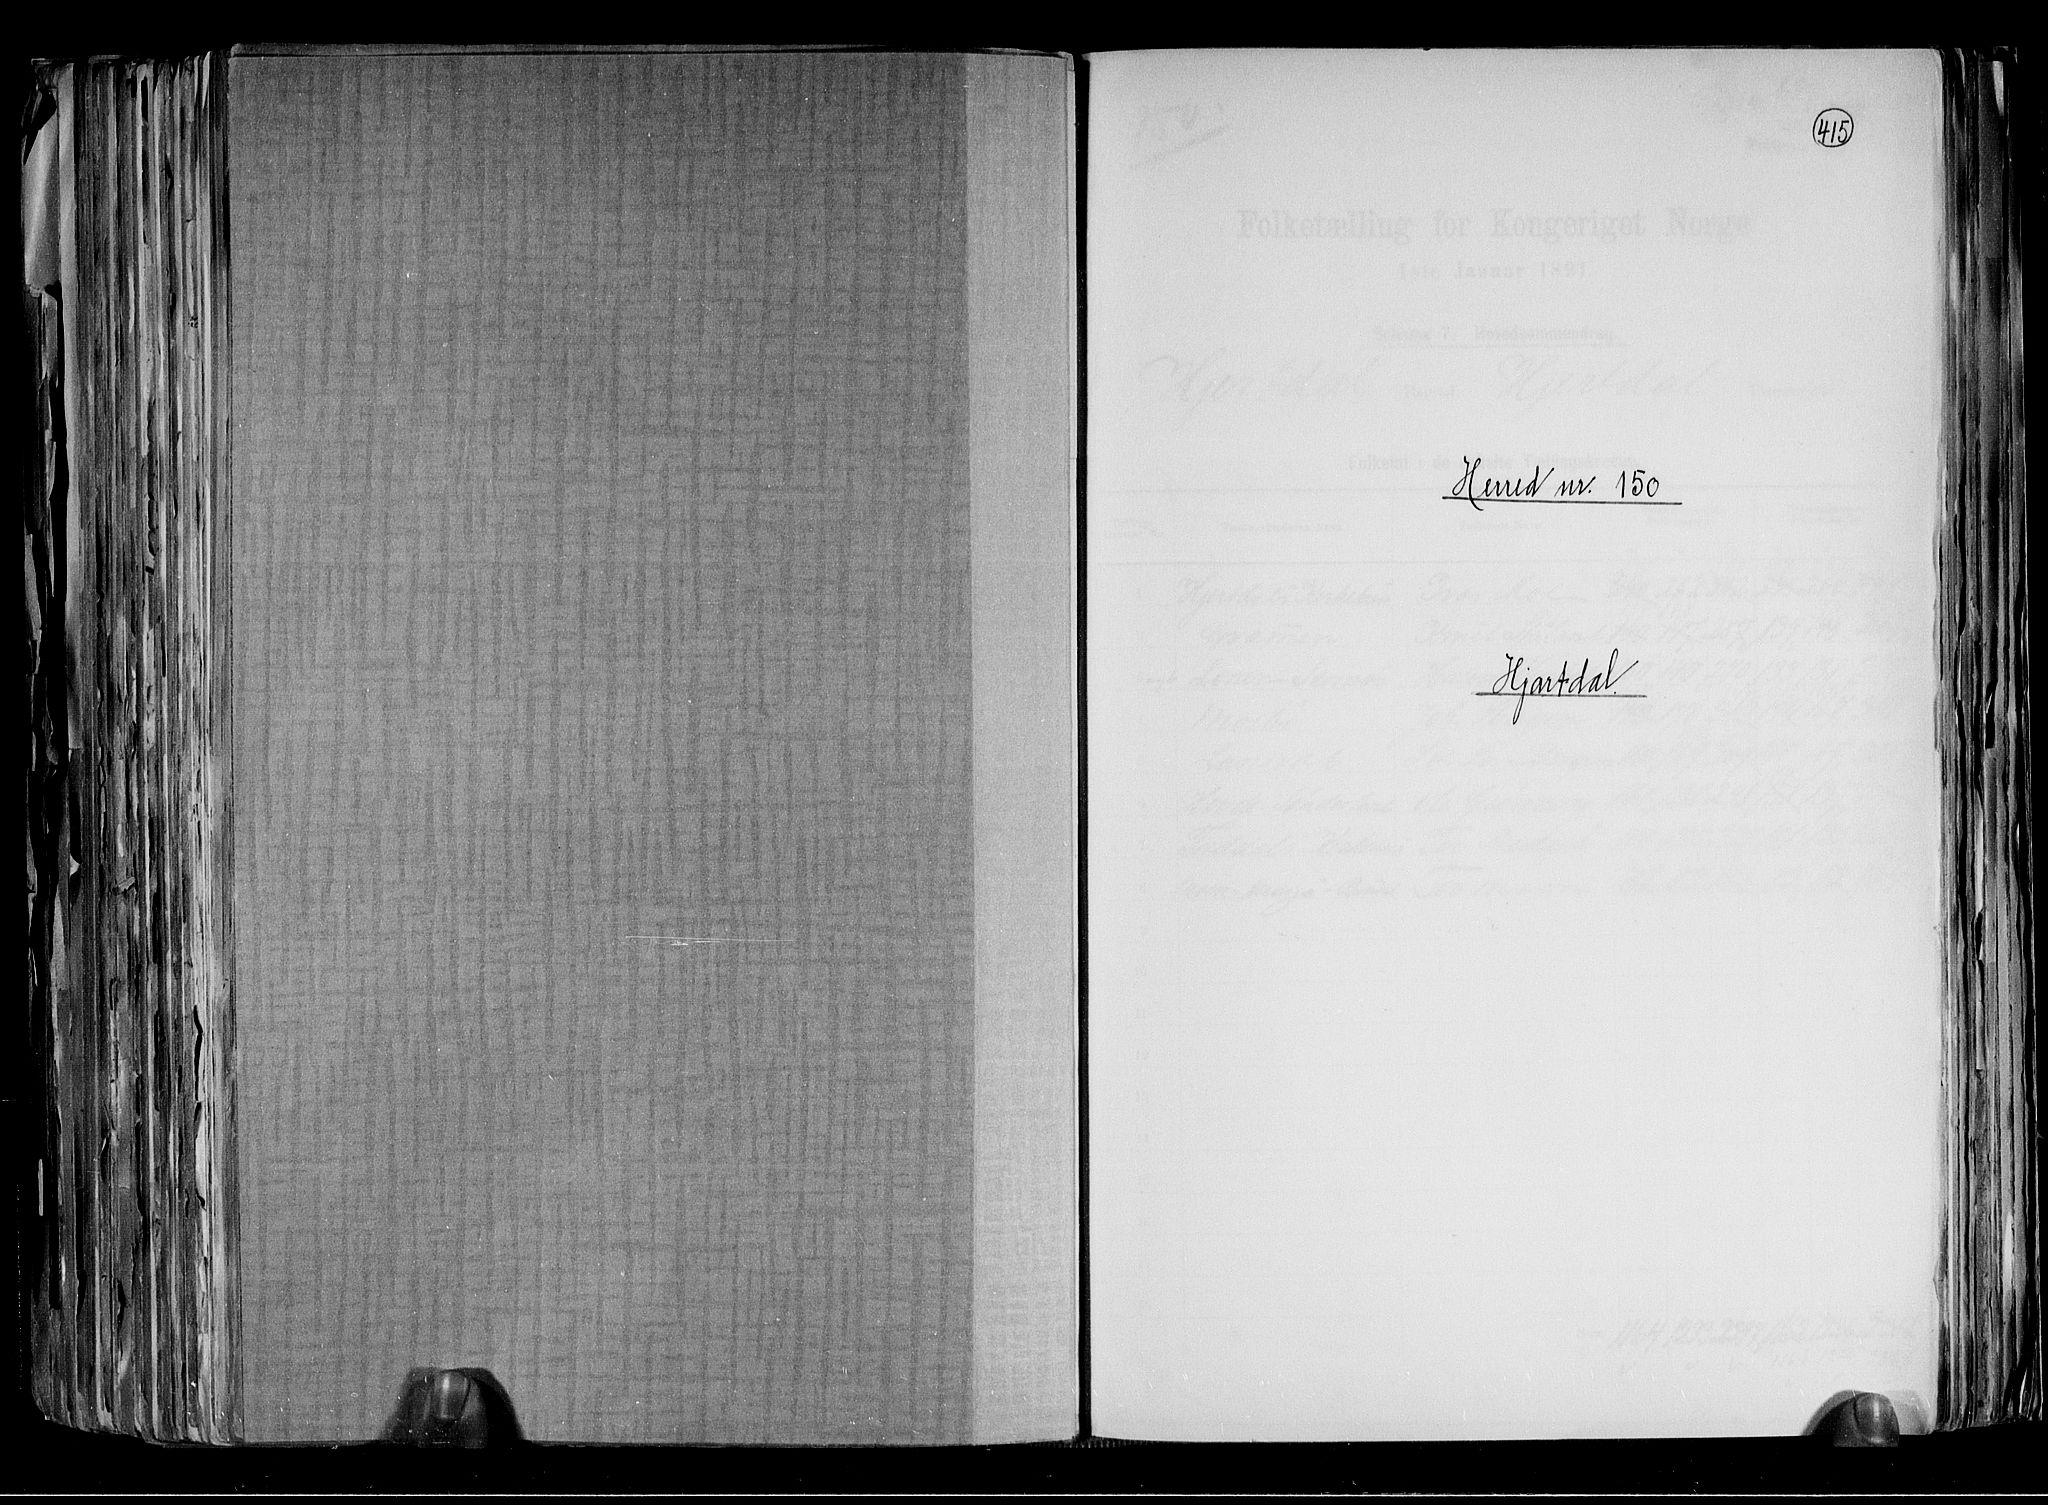 RA, Folketelling 1891 for 0827 Hjartdal herred, 1891, s. 1